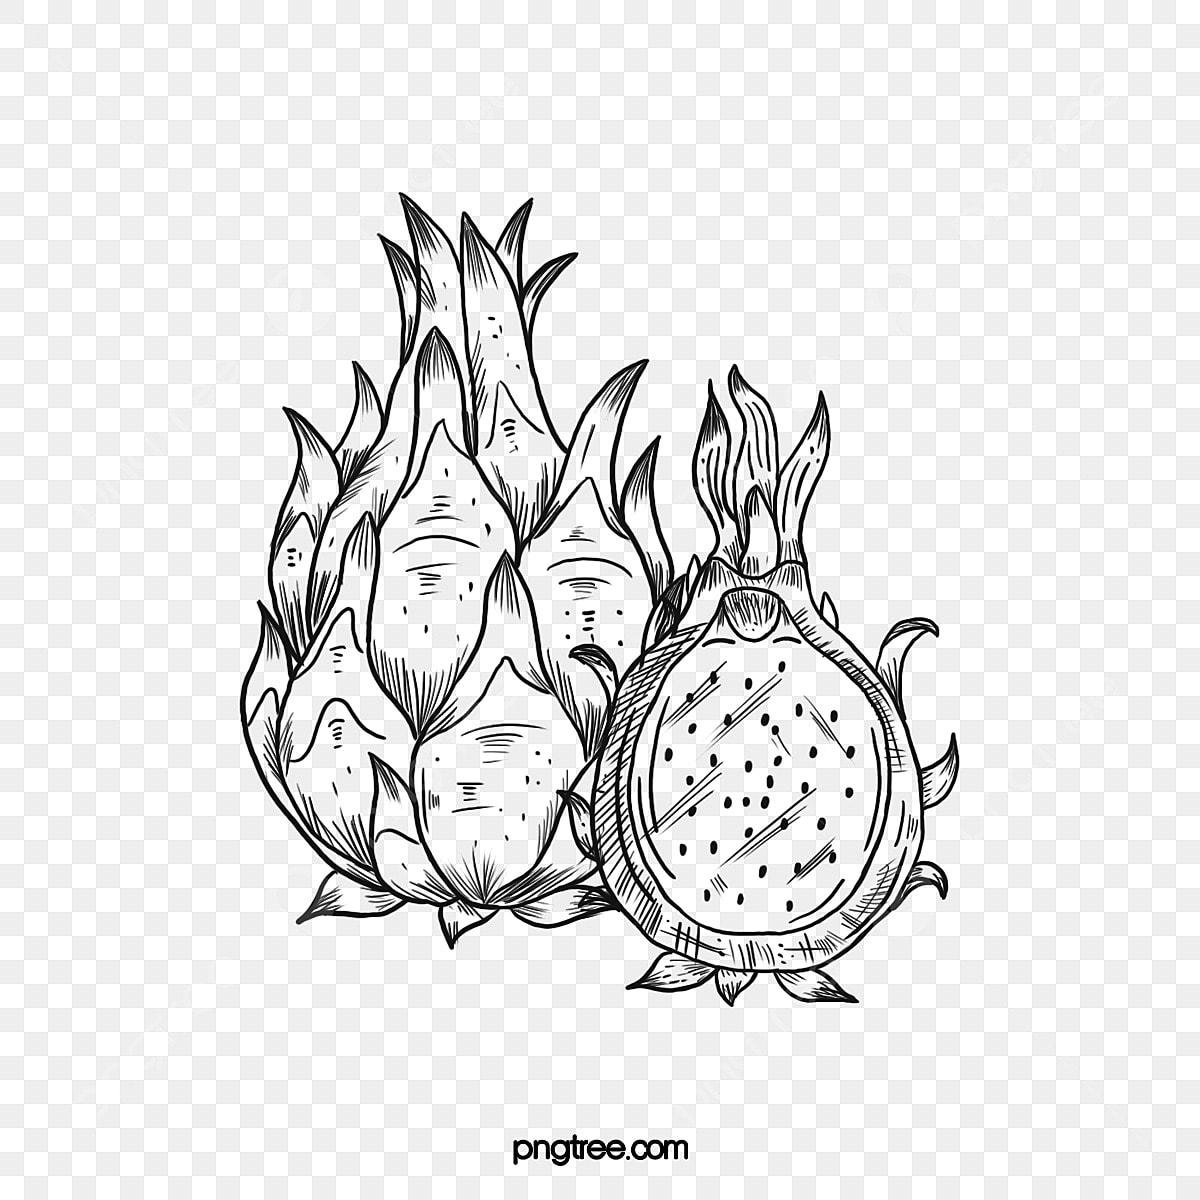 Garis Buah Naga Menggambar Ilustrasi Kartun Buah Musiman Gambar Garis Buah Naga Ilustrasi Kartun Png Transparan Gambar Clipart Dan File Psd Untuk Unduh Gratis